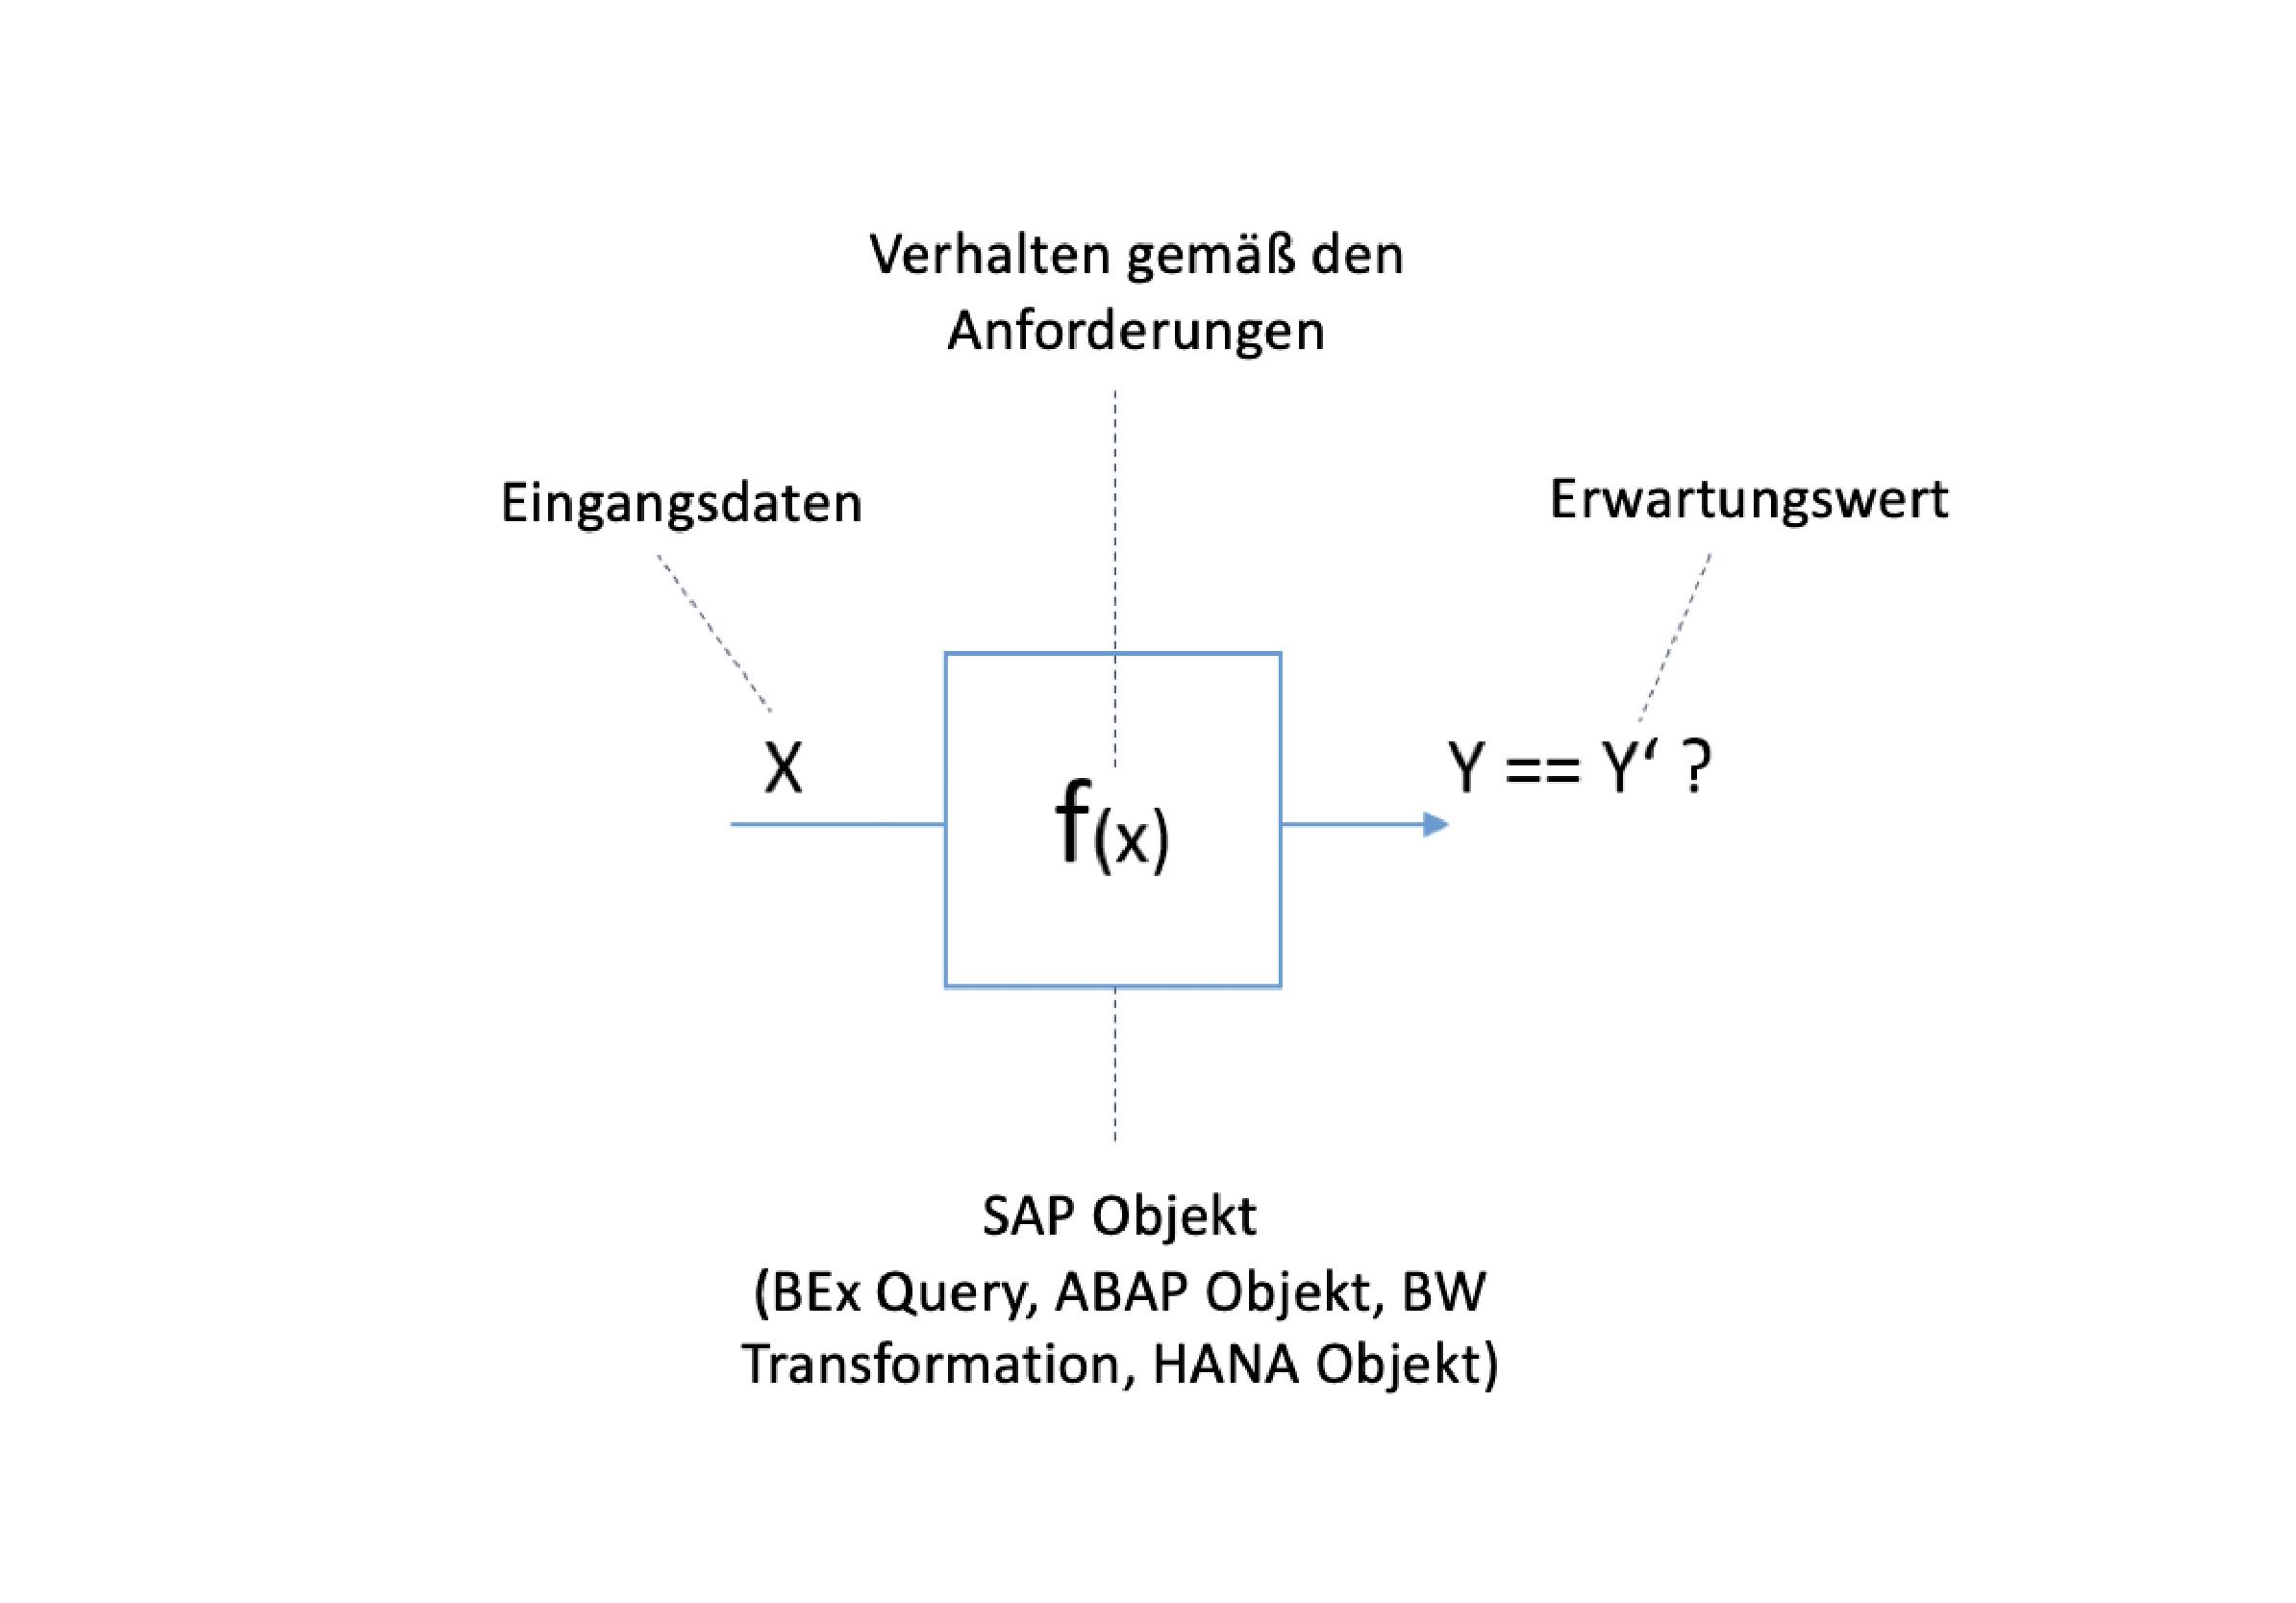 Grundlage der Testfalldefinition